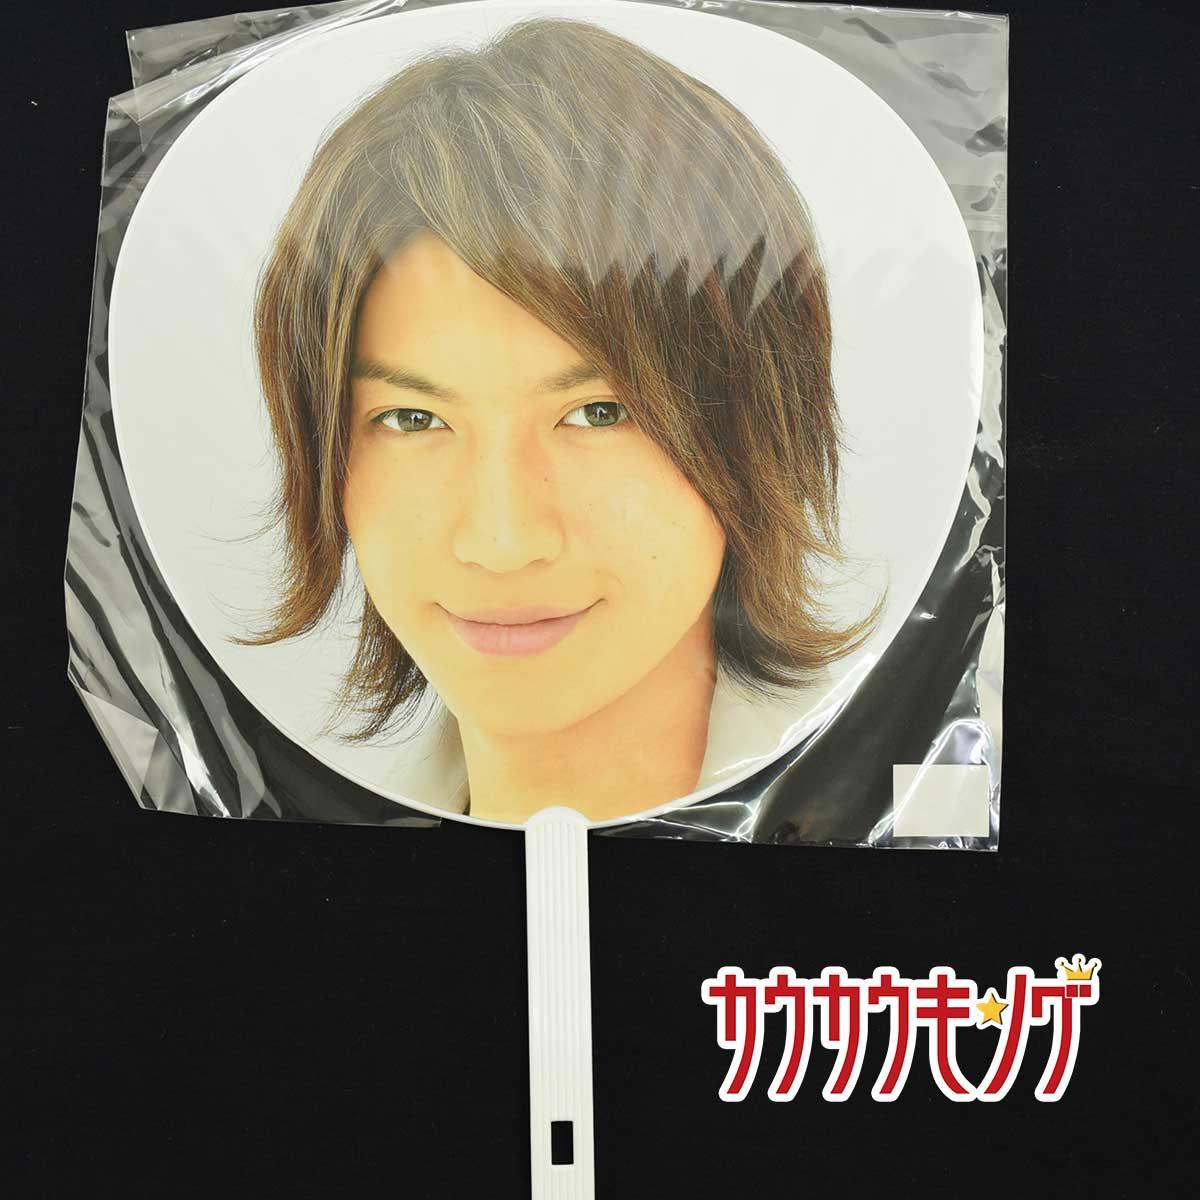 中古 大倉忠義 お買得 ジャンボうちわ カウントダウンコンサート セットアップ 2006-2007 関ジャニ∞